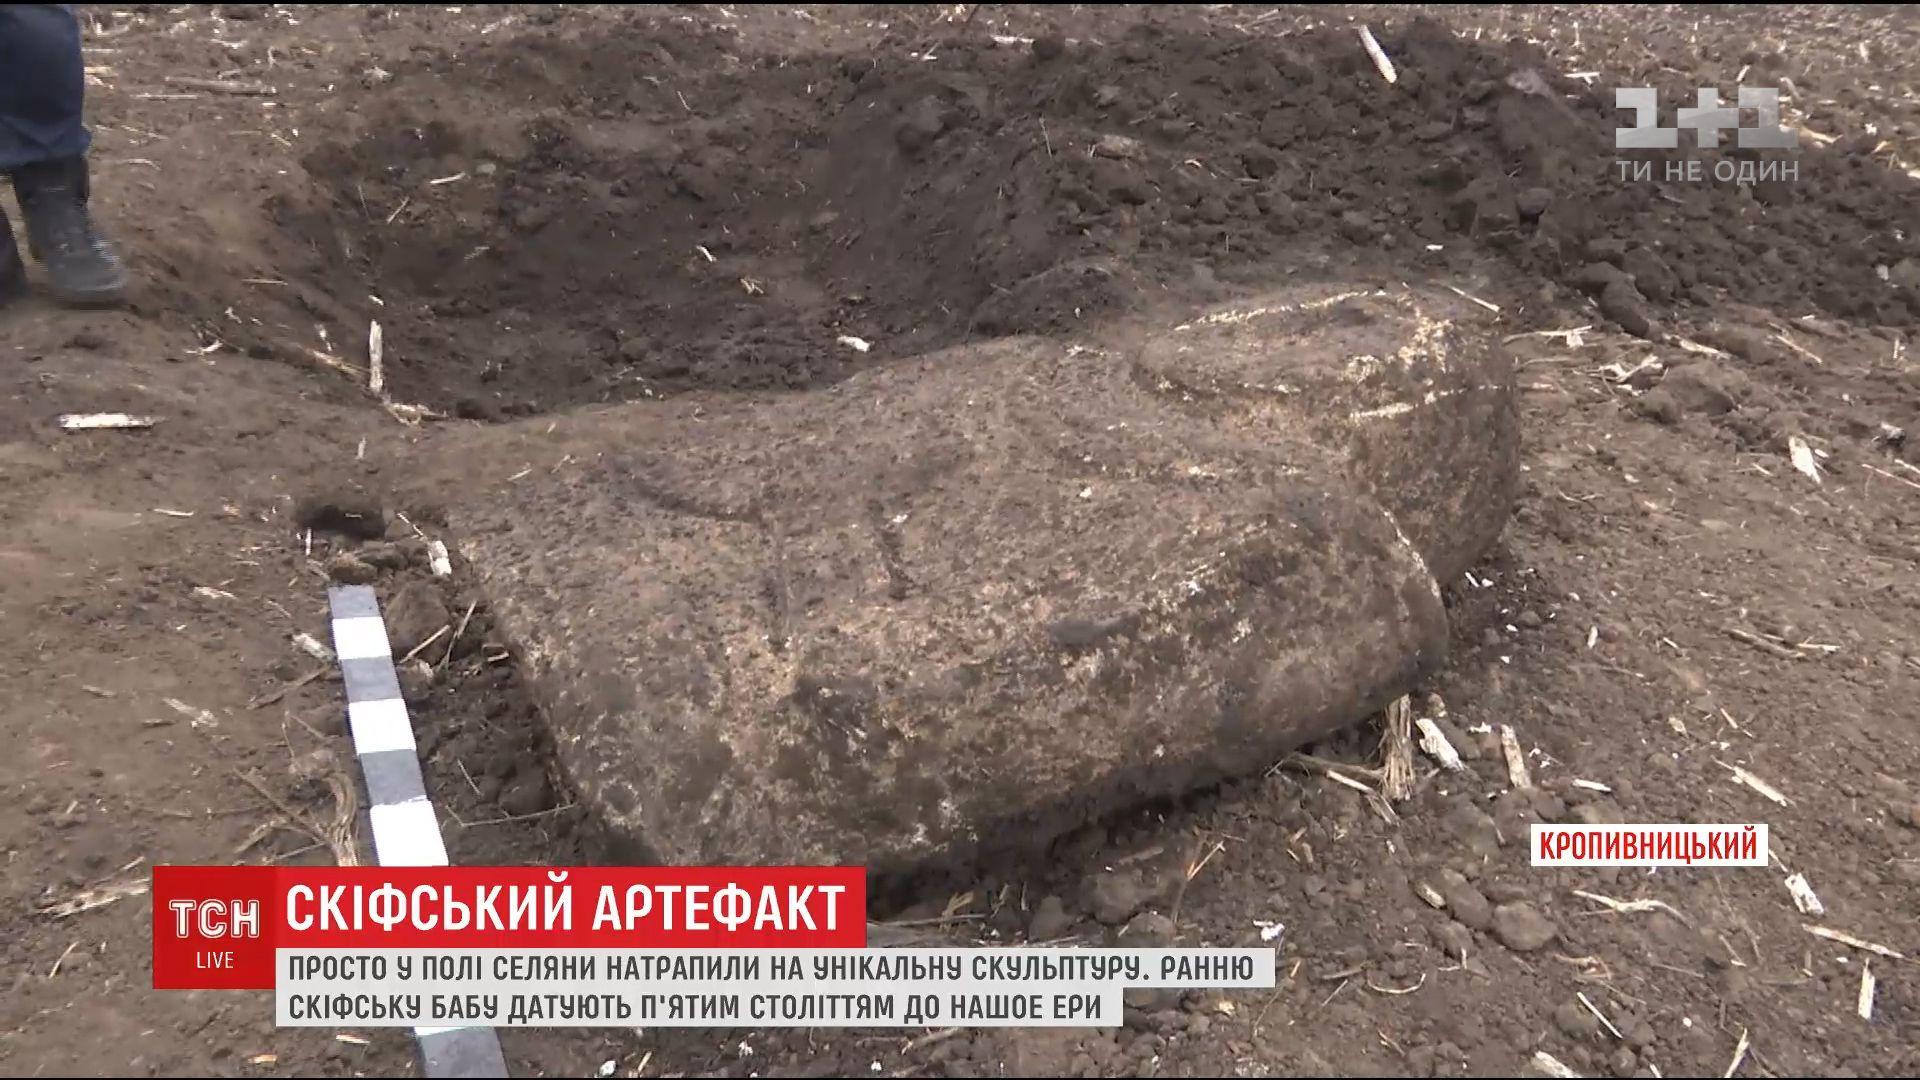 ВУкраинском государстве тракторист отыскал неповторимый скифский артефакт